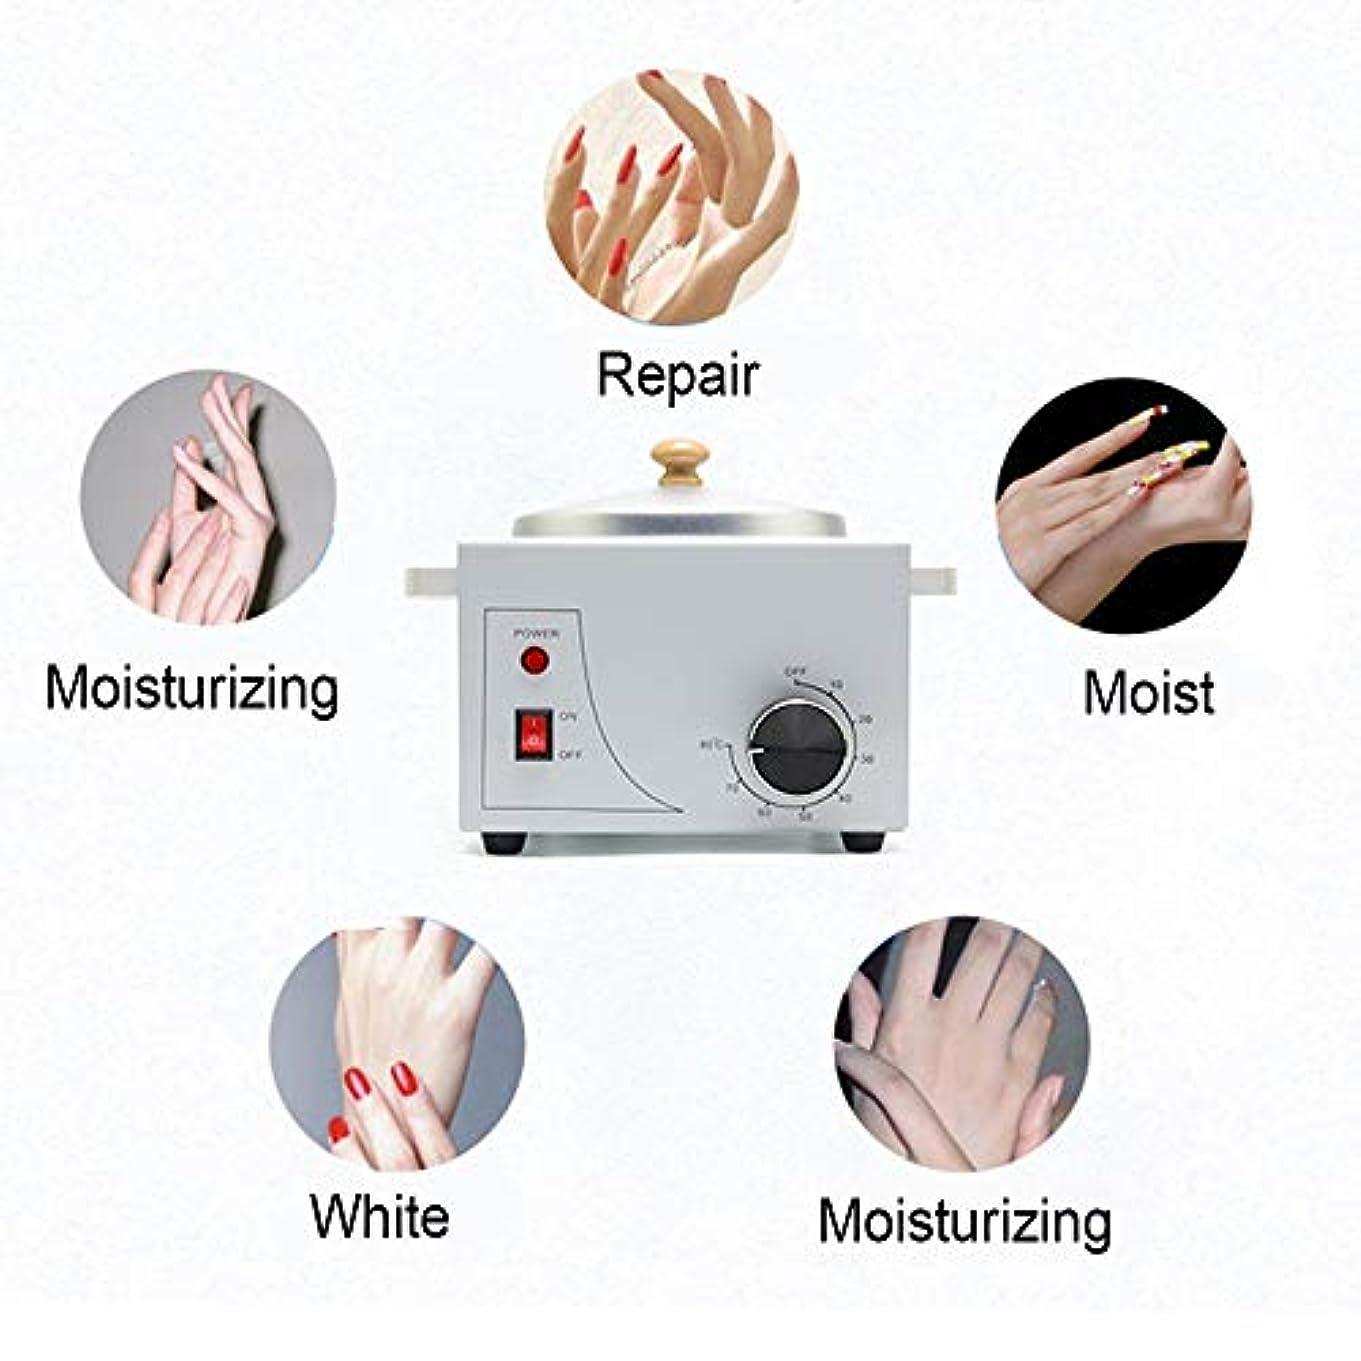 松明負担妖精携帯用電気ホットワックスウォーマーマシン可変温度での脱毛、プロフェッショナルシングルポット電気ワックスウォーマーマシンの